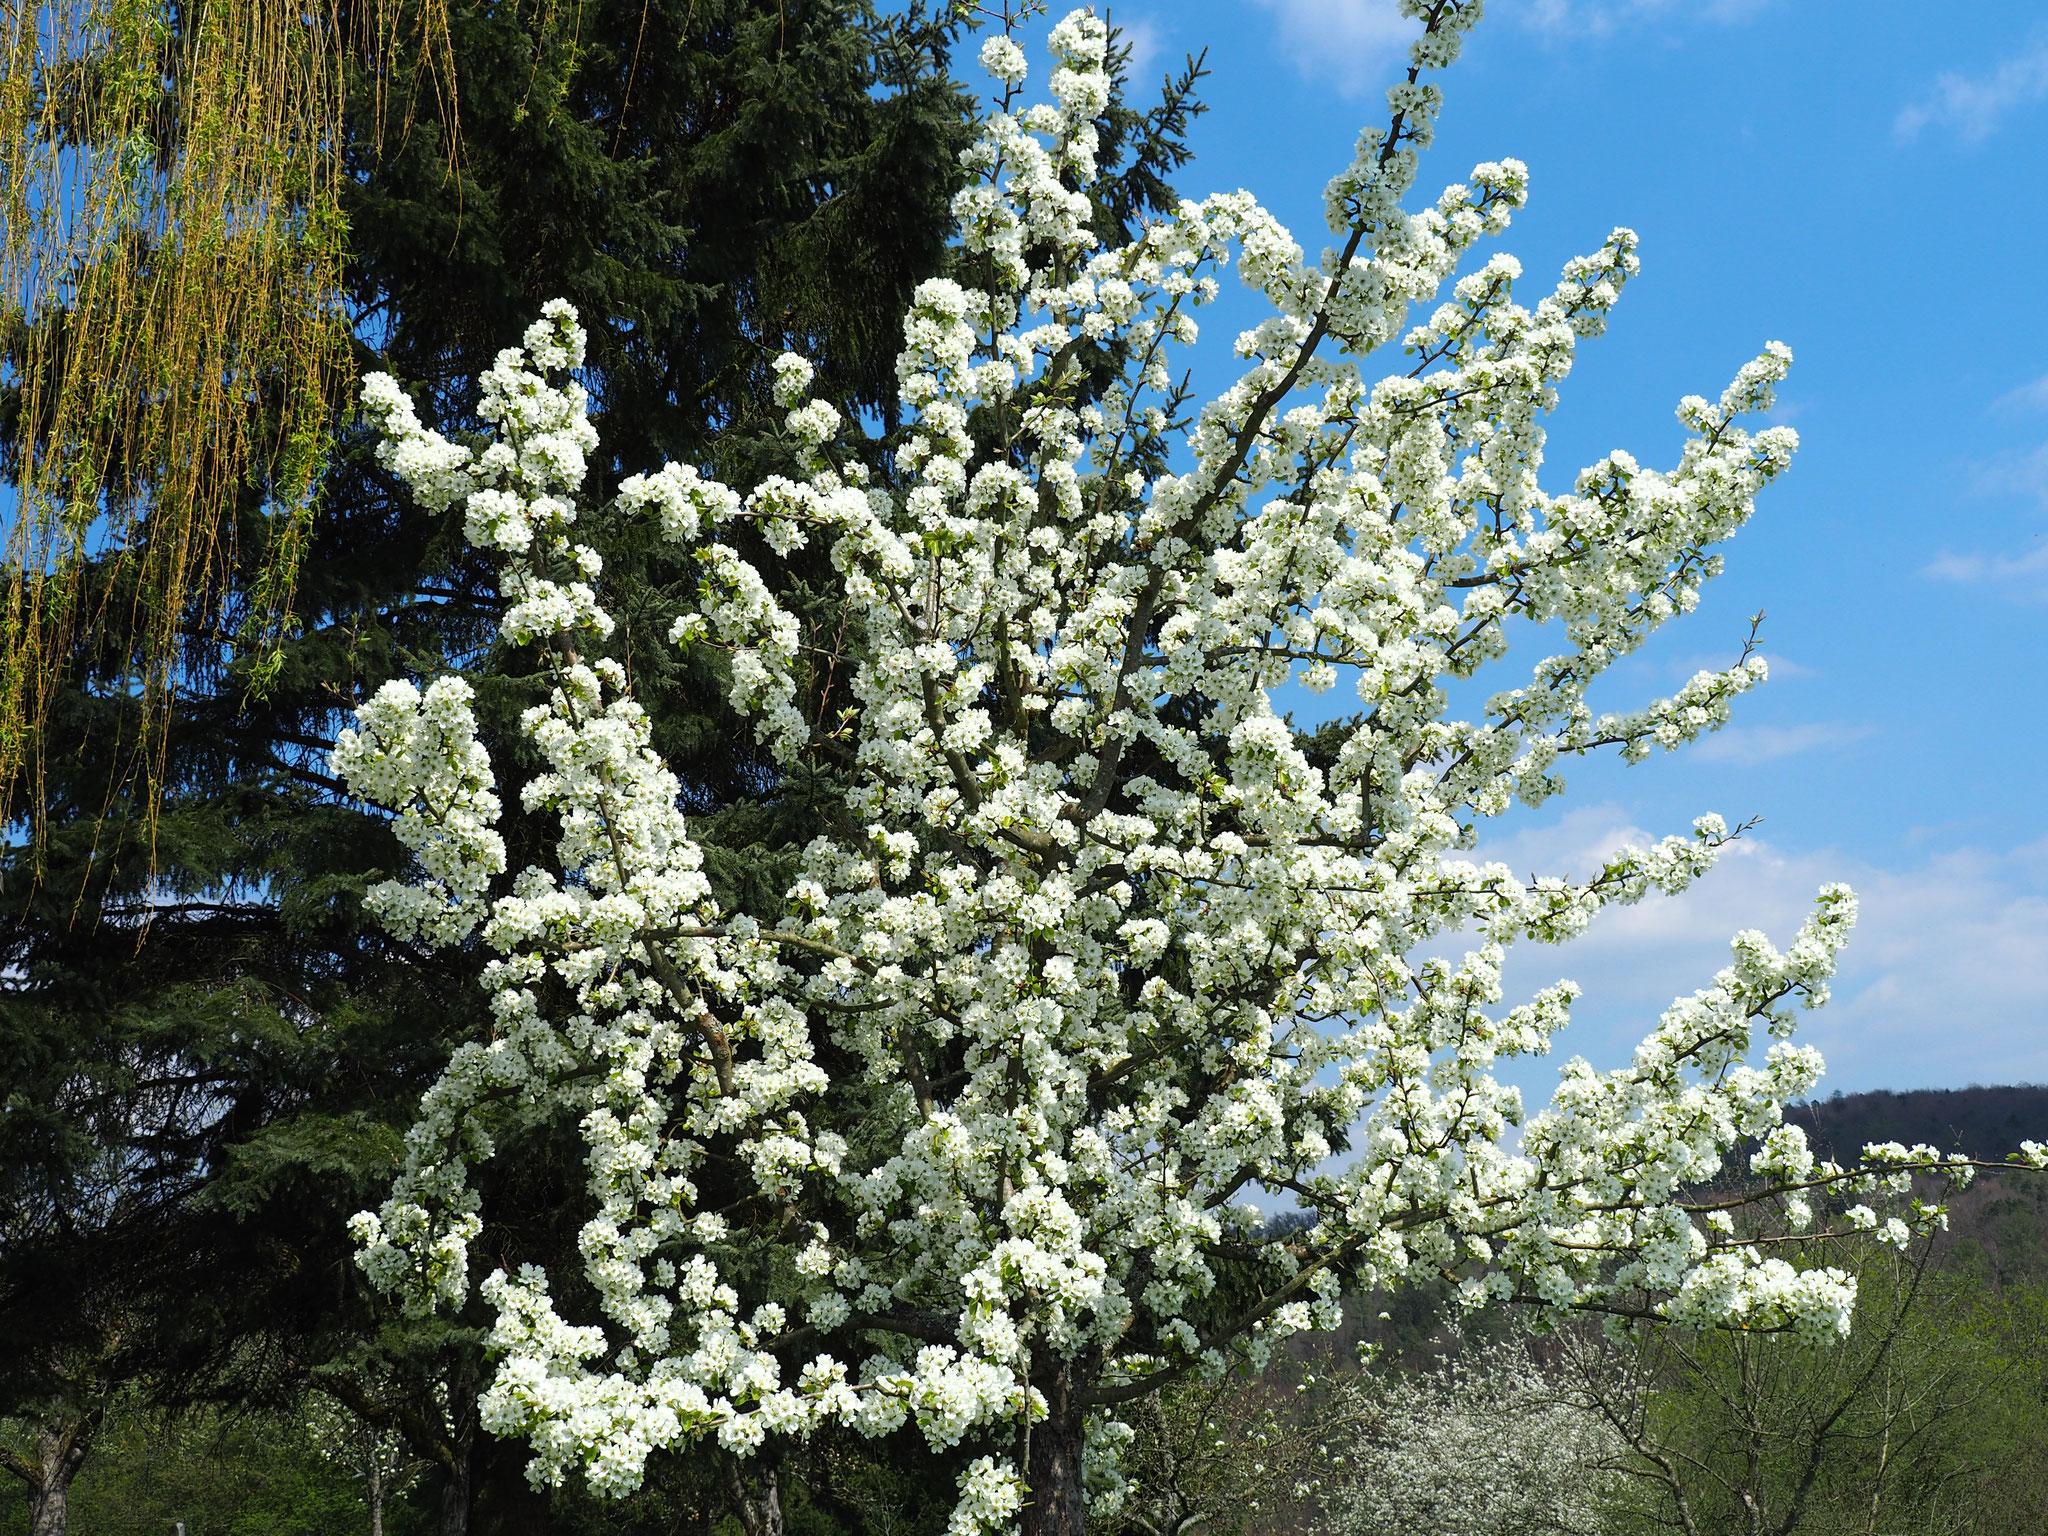 Allgemein schöne Blüte zur Osterzeit.